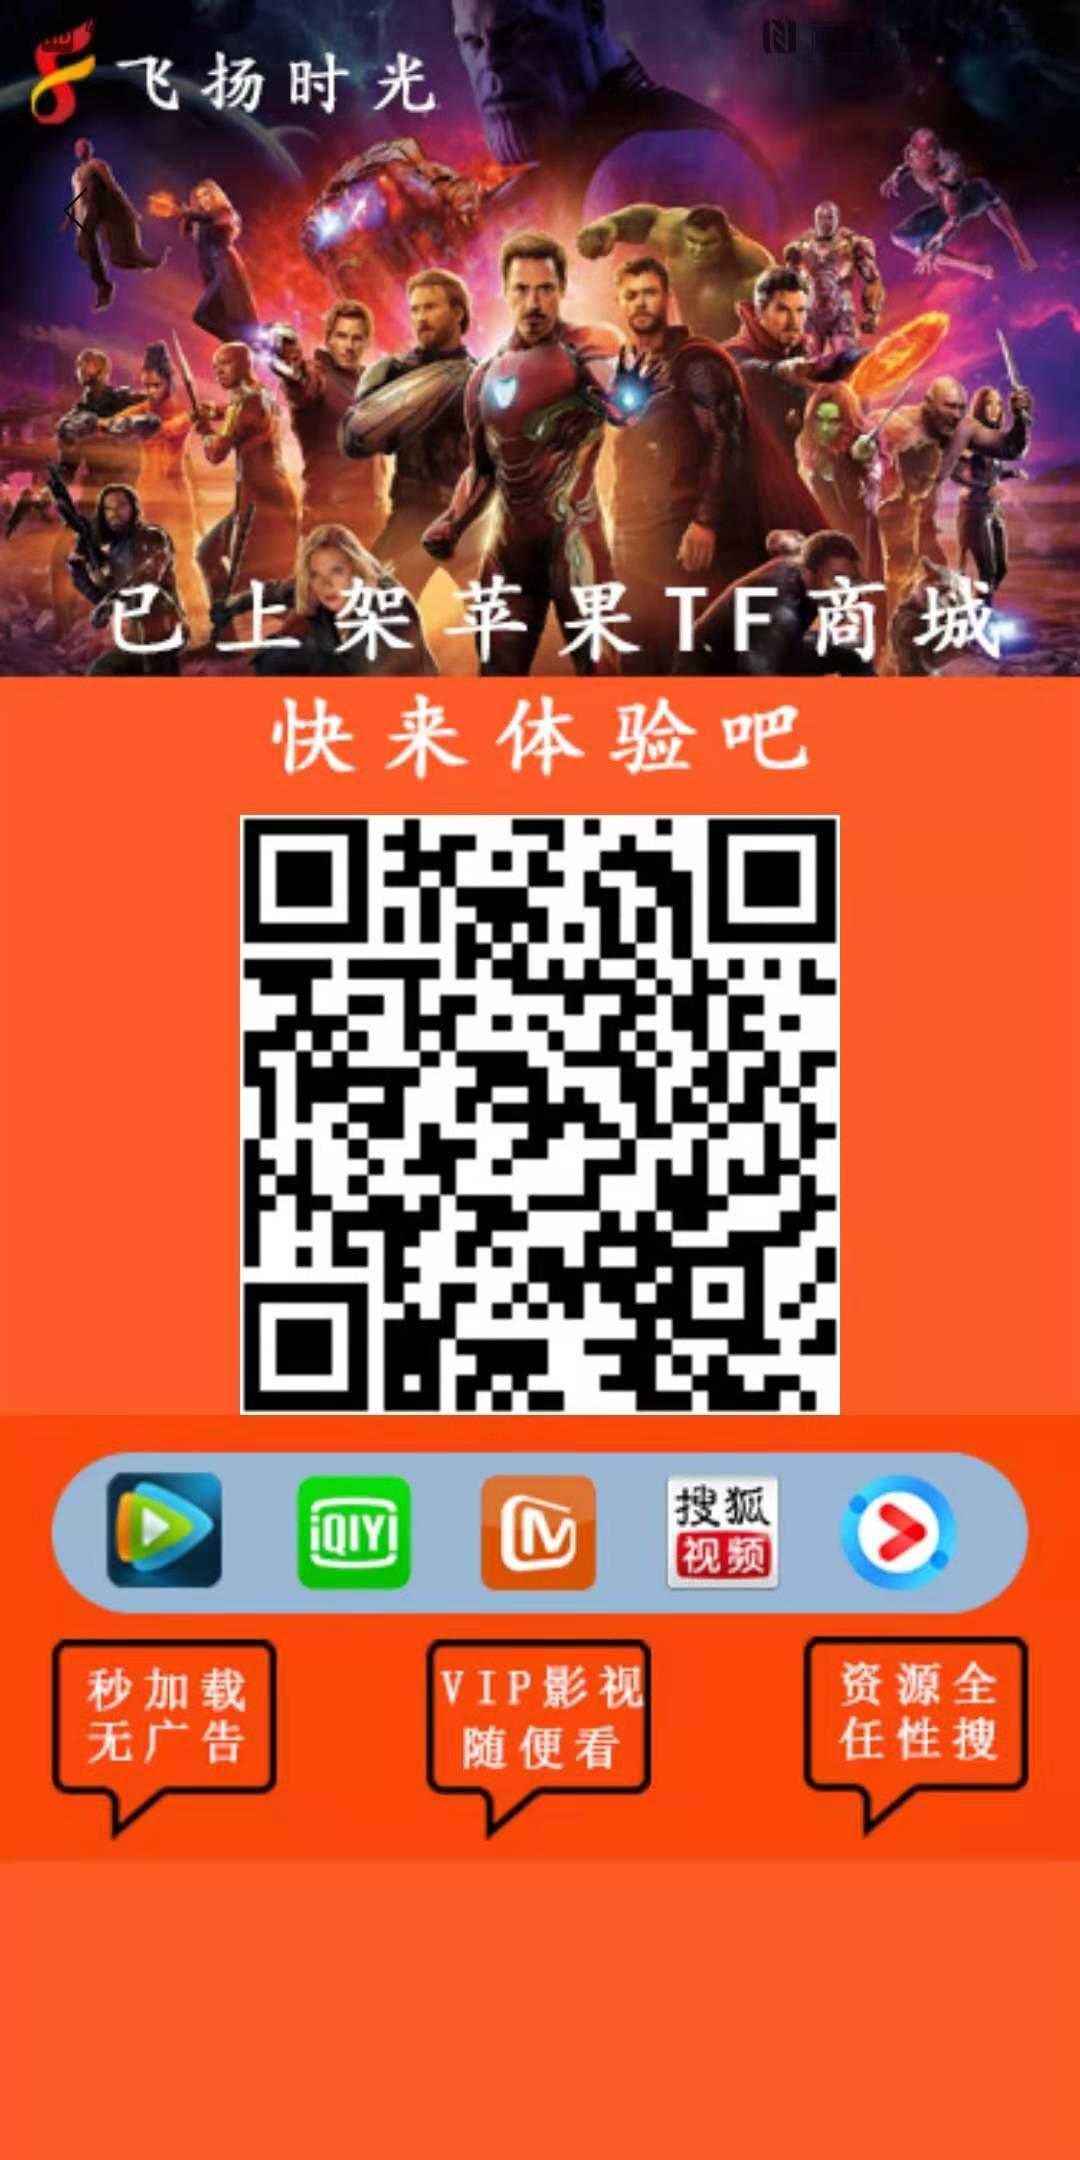 【飞扬时光月卡授权】全网影视VIP